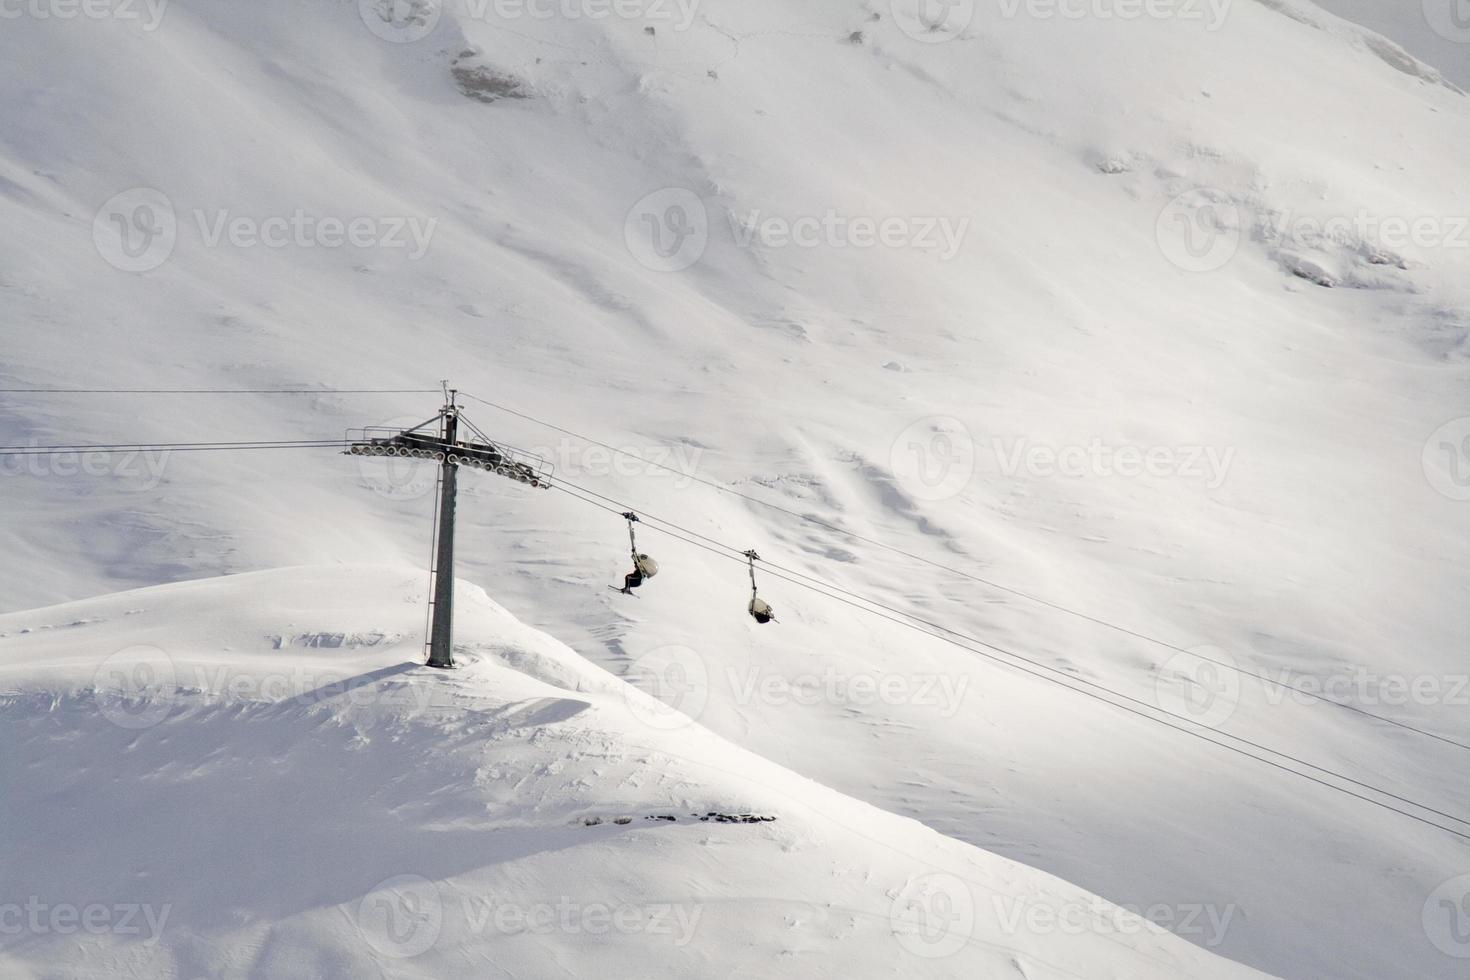 Sessellift mit Skifahrern in der Schweiz, Winter. foto